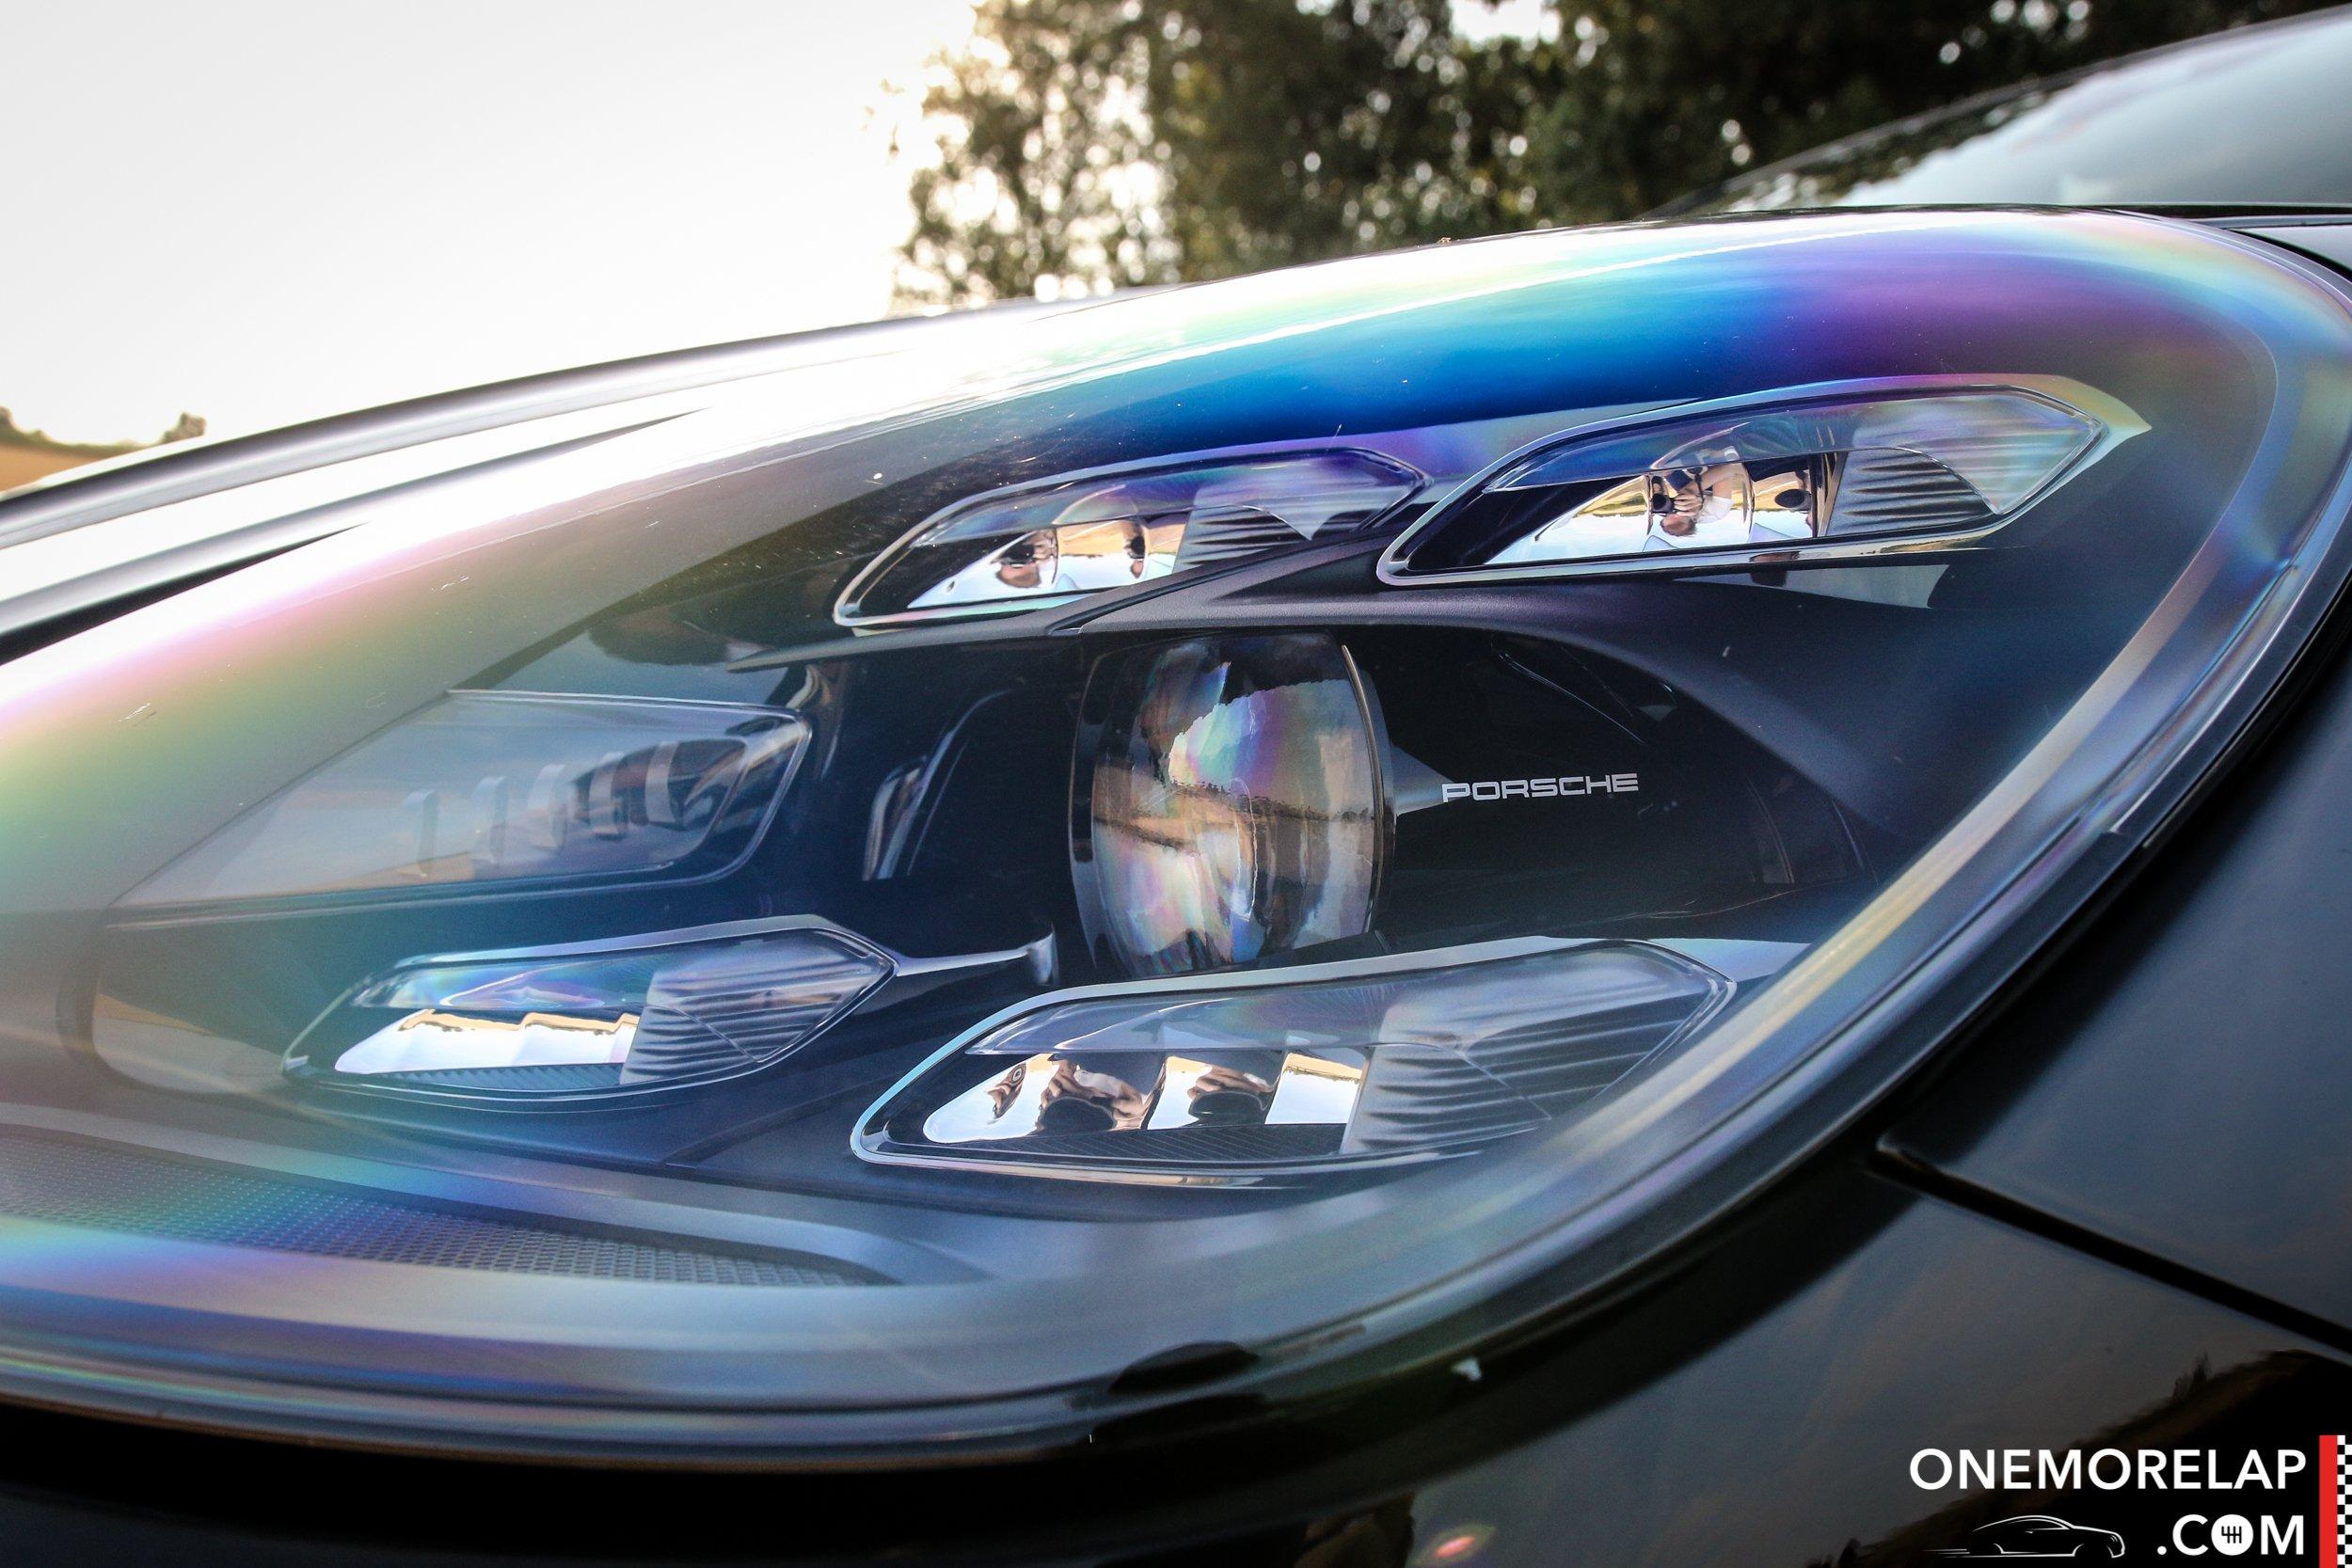 Fahrbericht: Porsche Cayenne 3.0 V6 Turbo - 2018 (PO536)